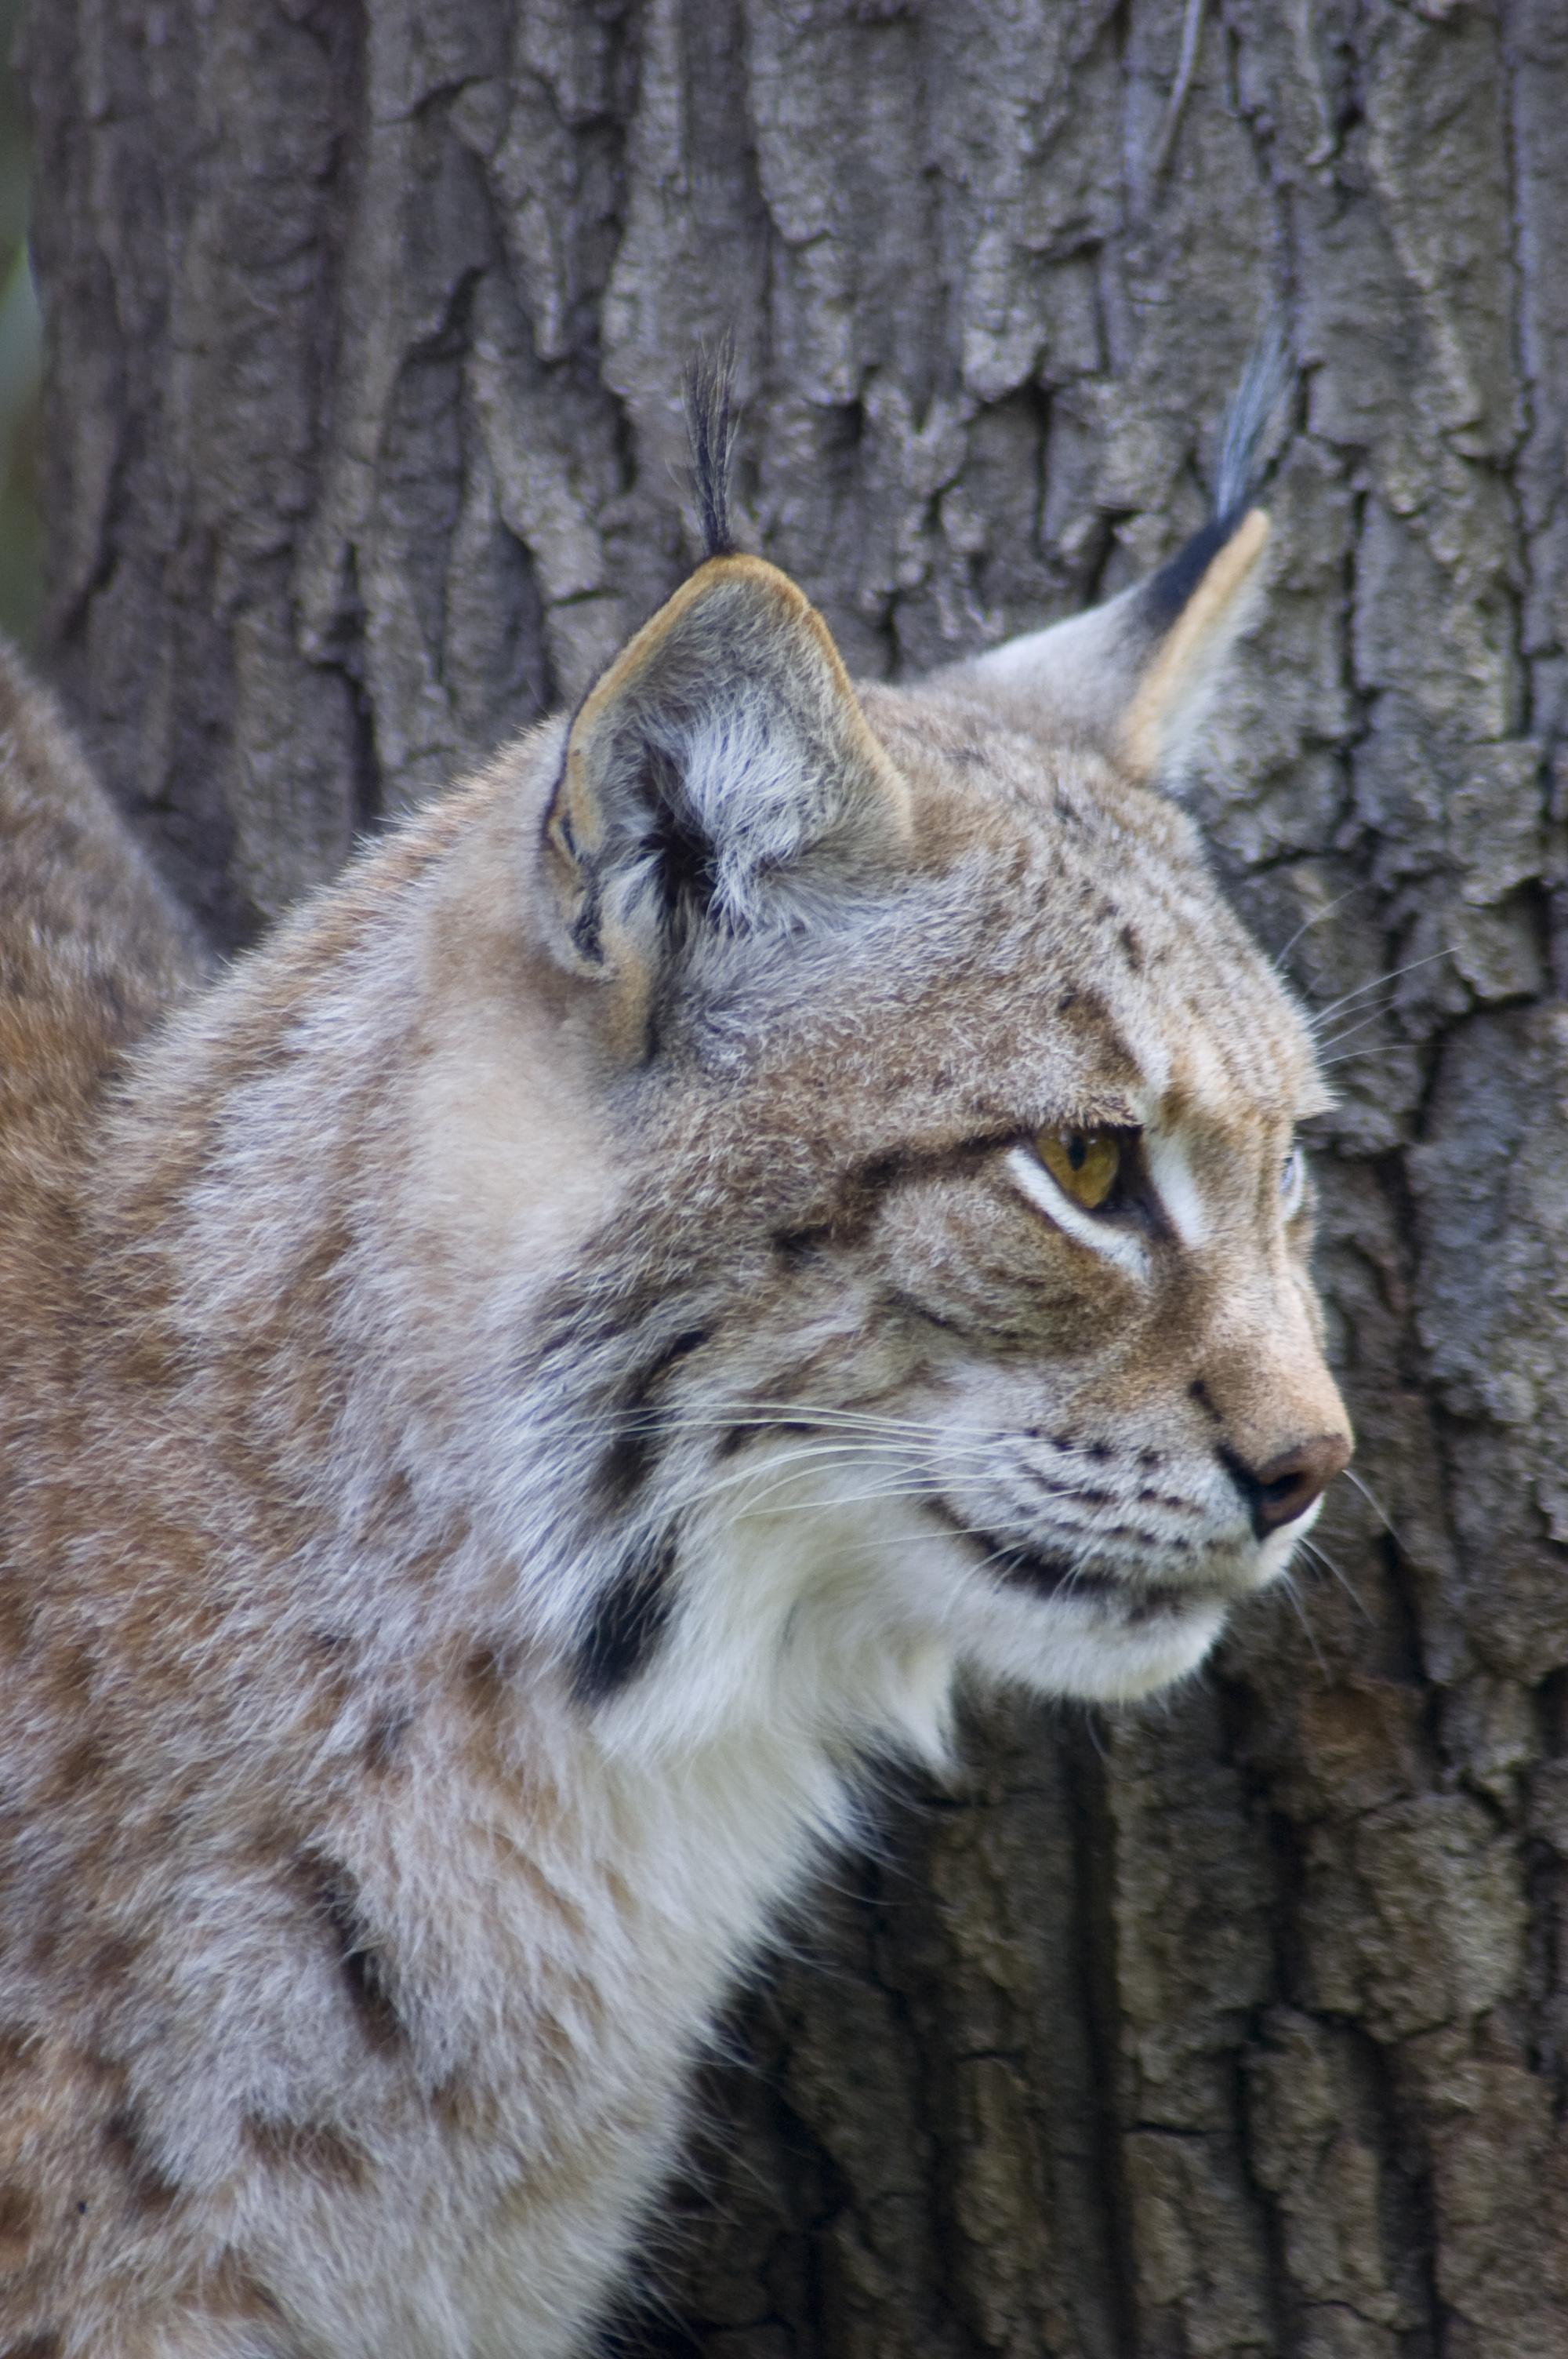 Lynks, ancestors of domestic cats